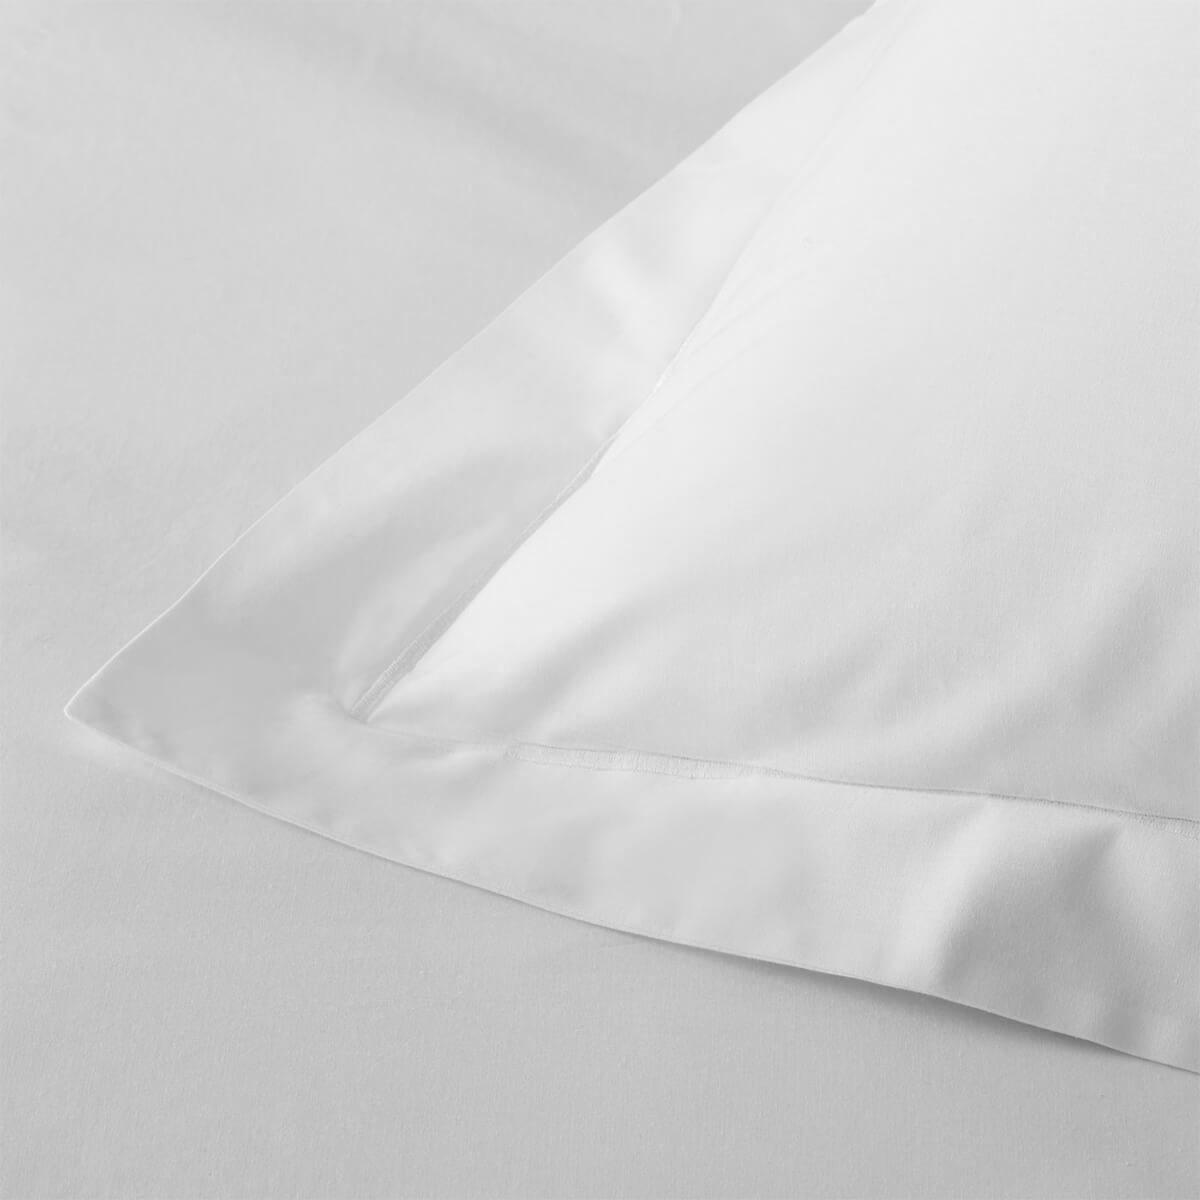 White 200 Thread Count Egyptian Cotton Square Oxford Pillowcase Pair